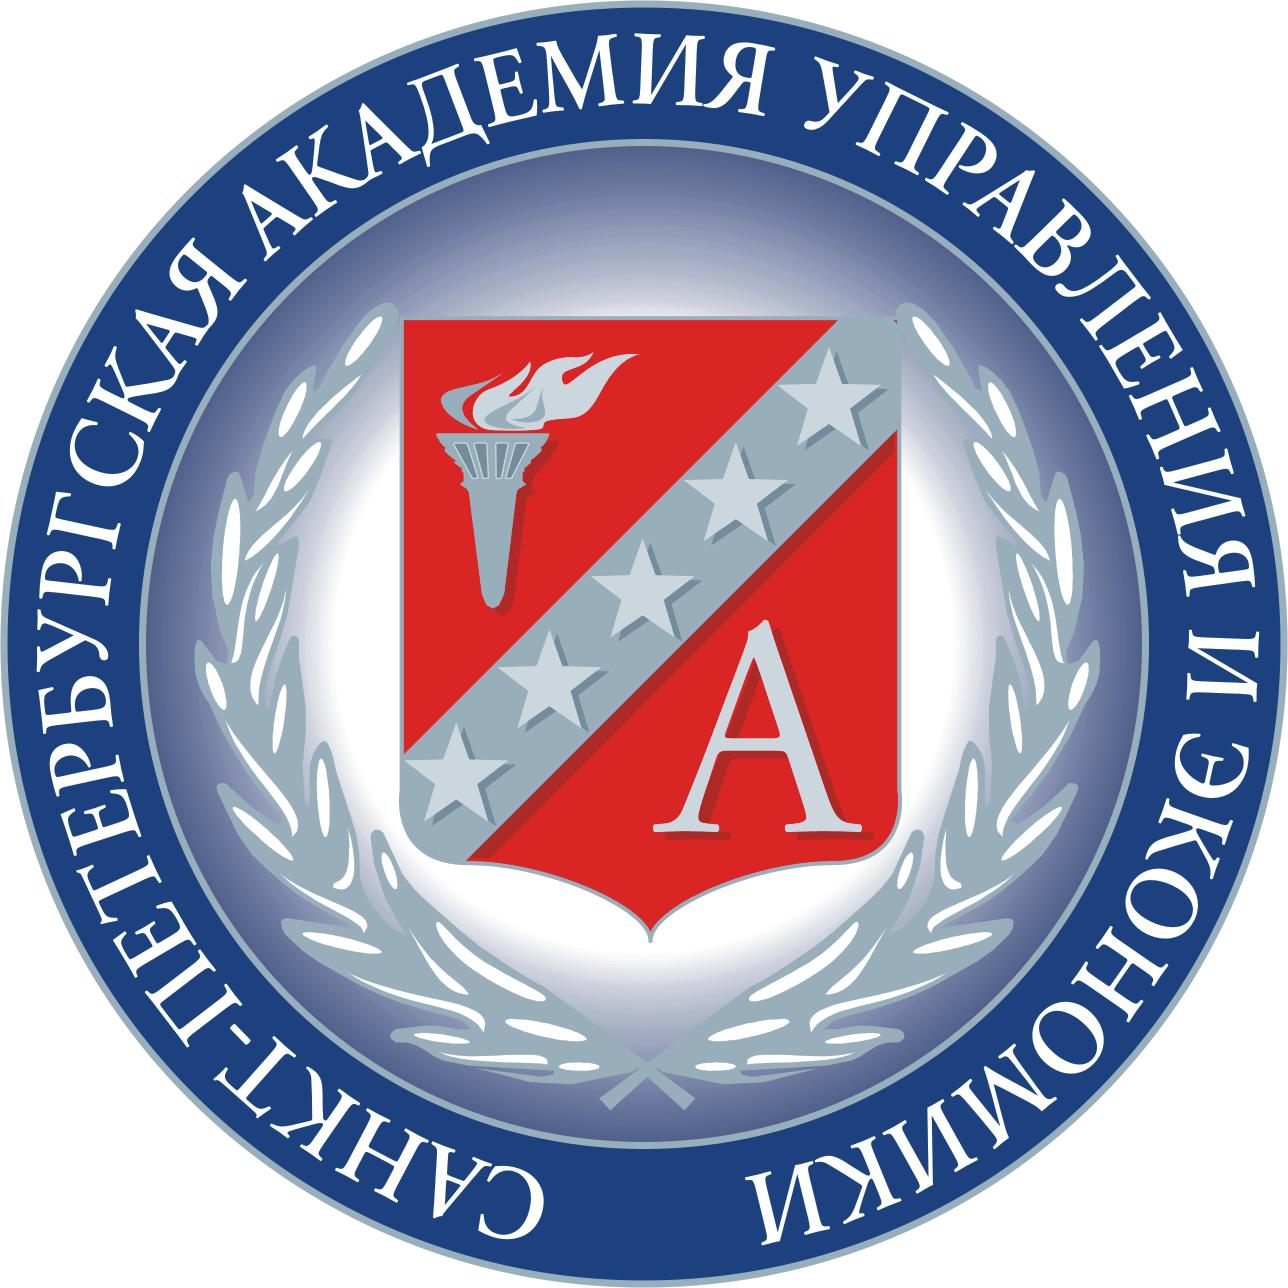 Санкт-Петербургский университет технологий управления и экономики — филиал в г. Калининград